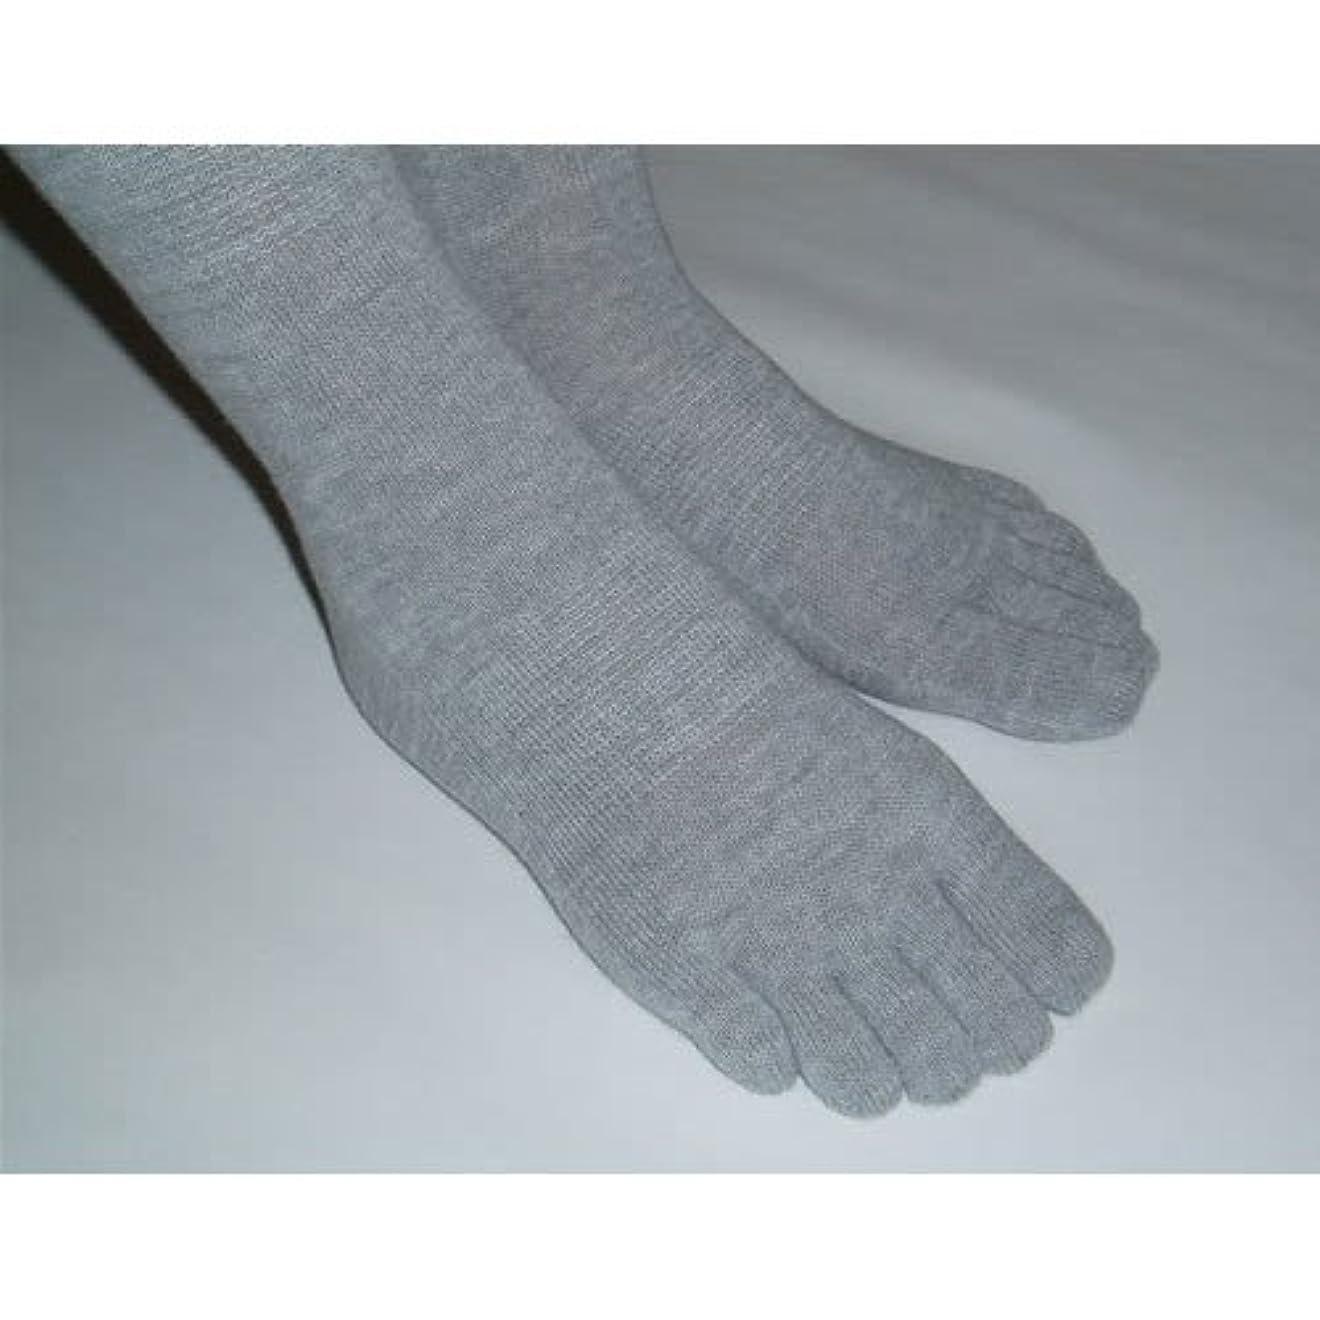 困惑する限りパンダ5本指ソックス 婦人(22-24cm)サイズ 【炭の靴下】